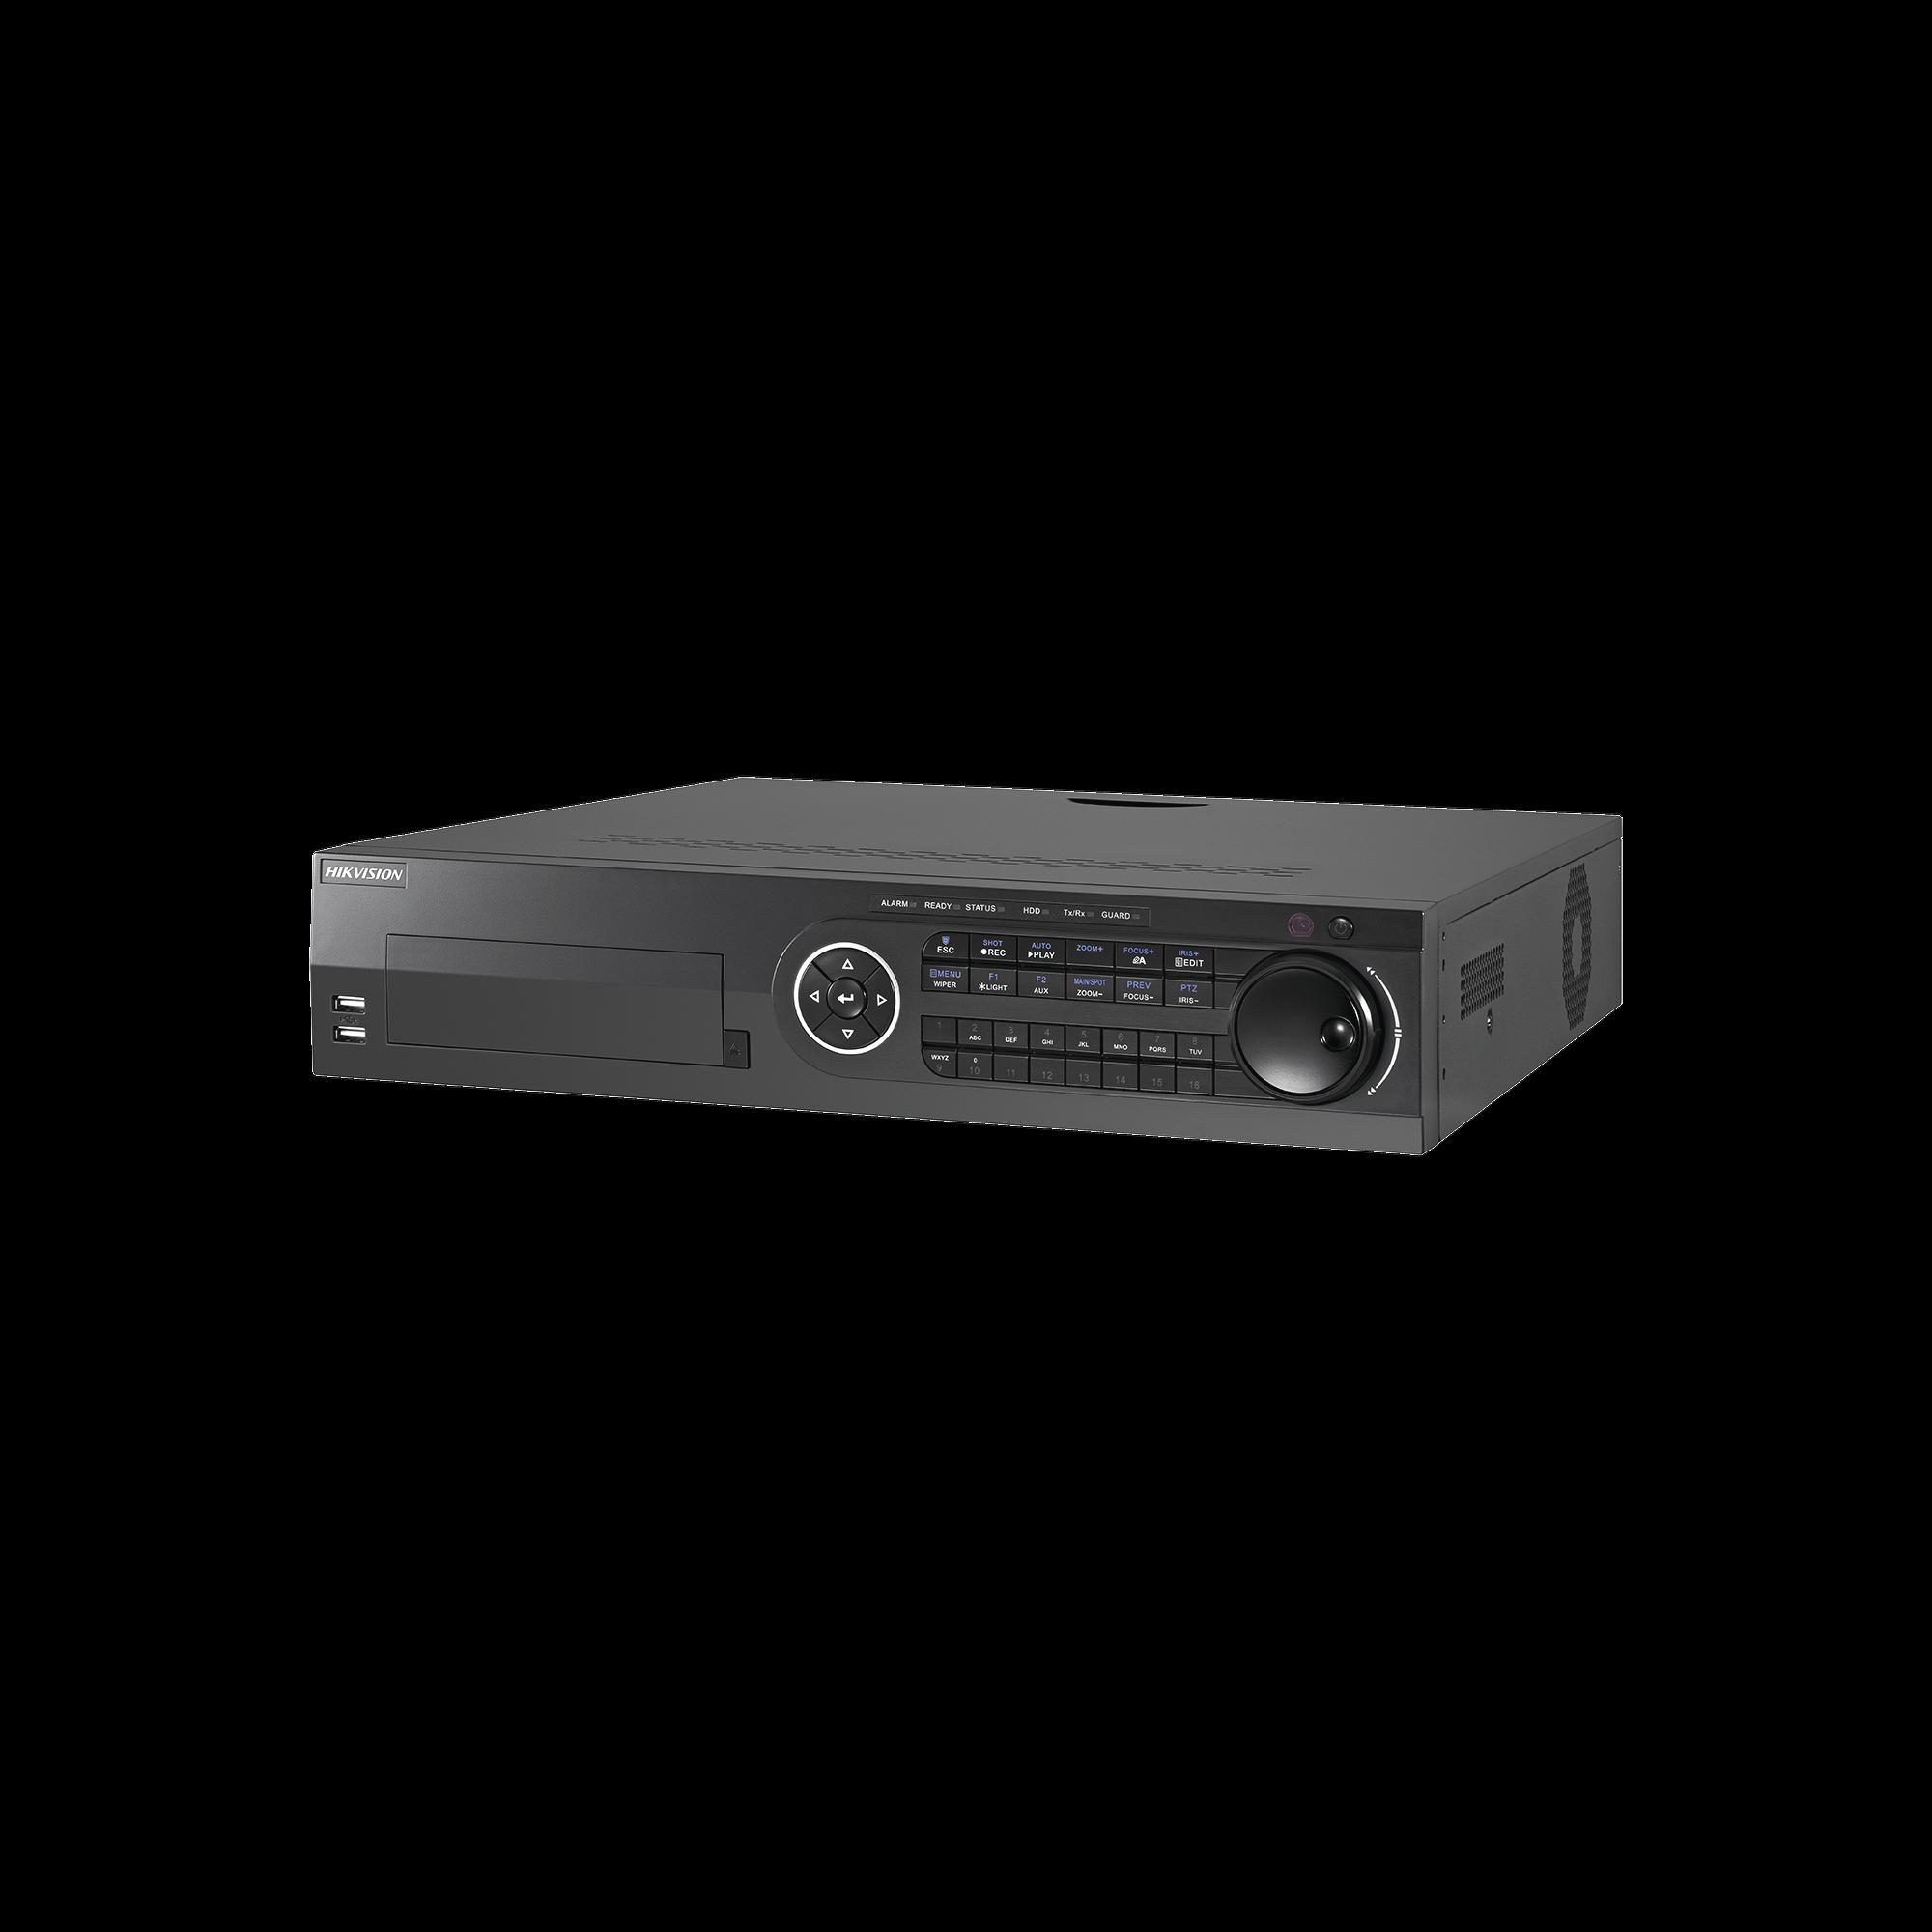 DVR 4 Megapixel / 8 Canales TURBOHD + 4 Canales IP / 8 Bahías de Disco Duro / 8 canales de Audio / 16 Entradas de  Alarma